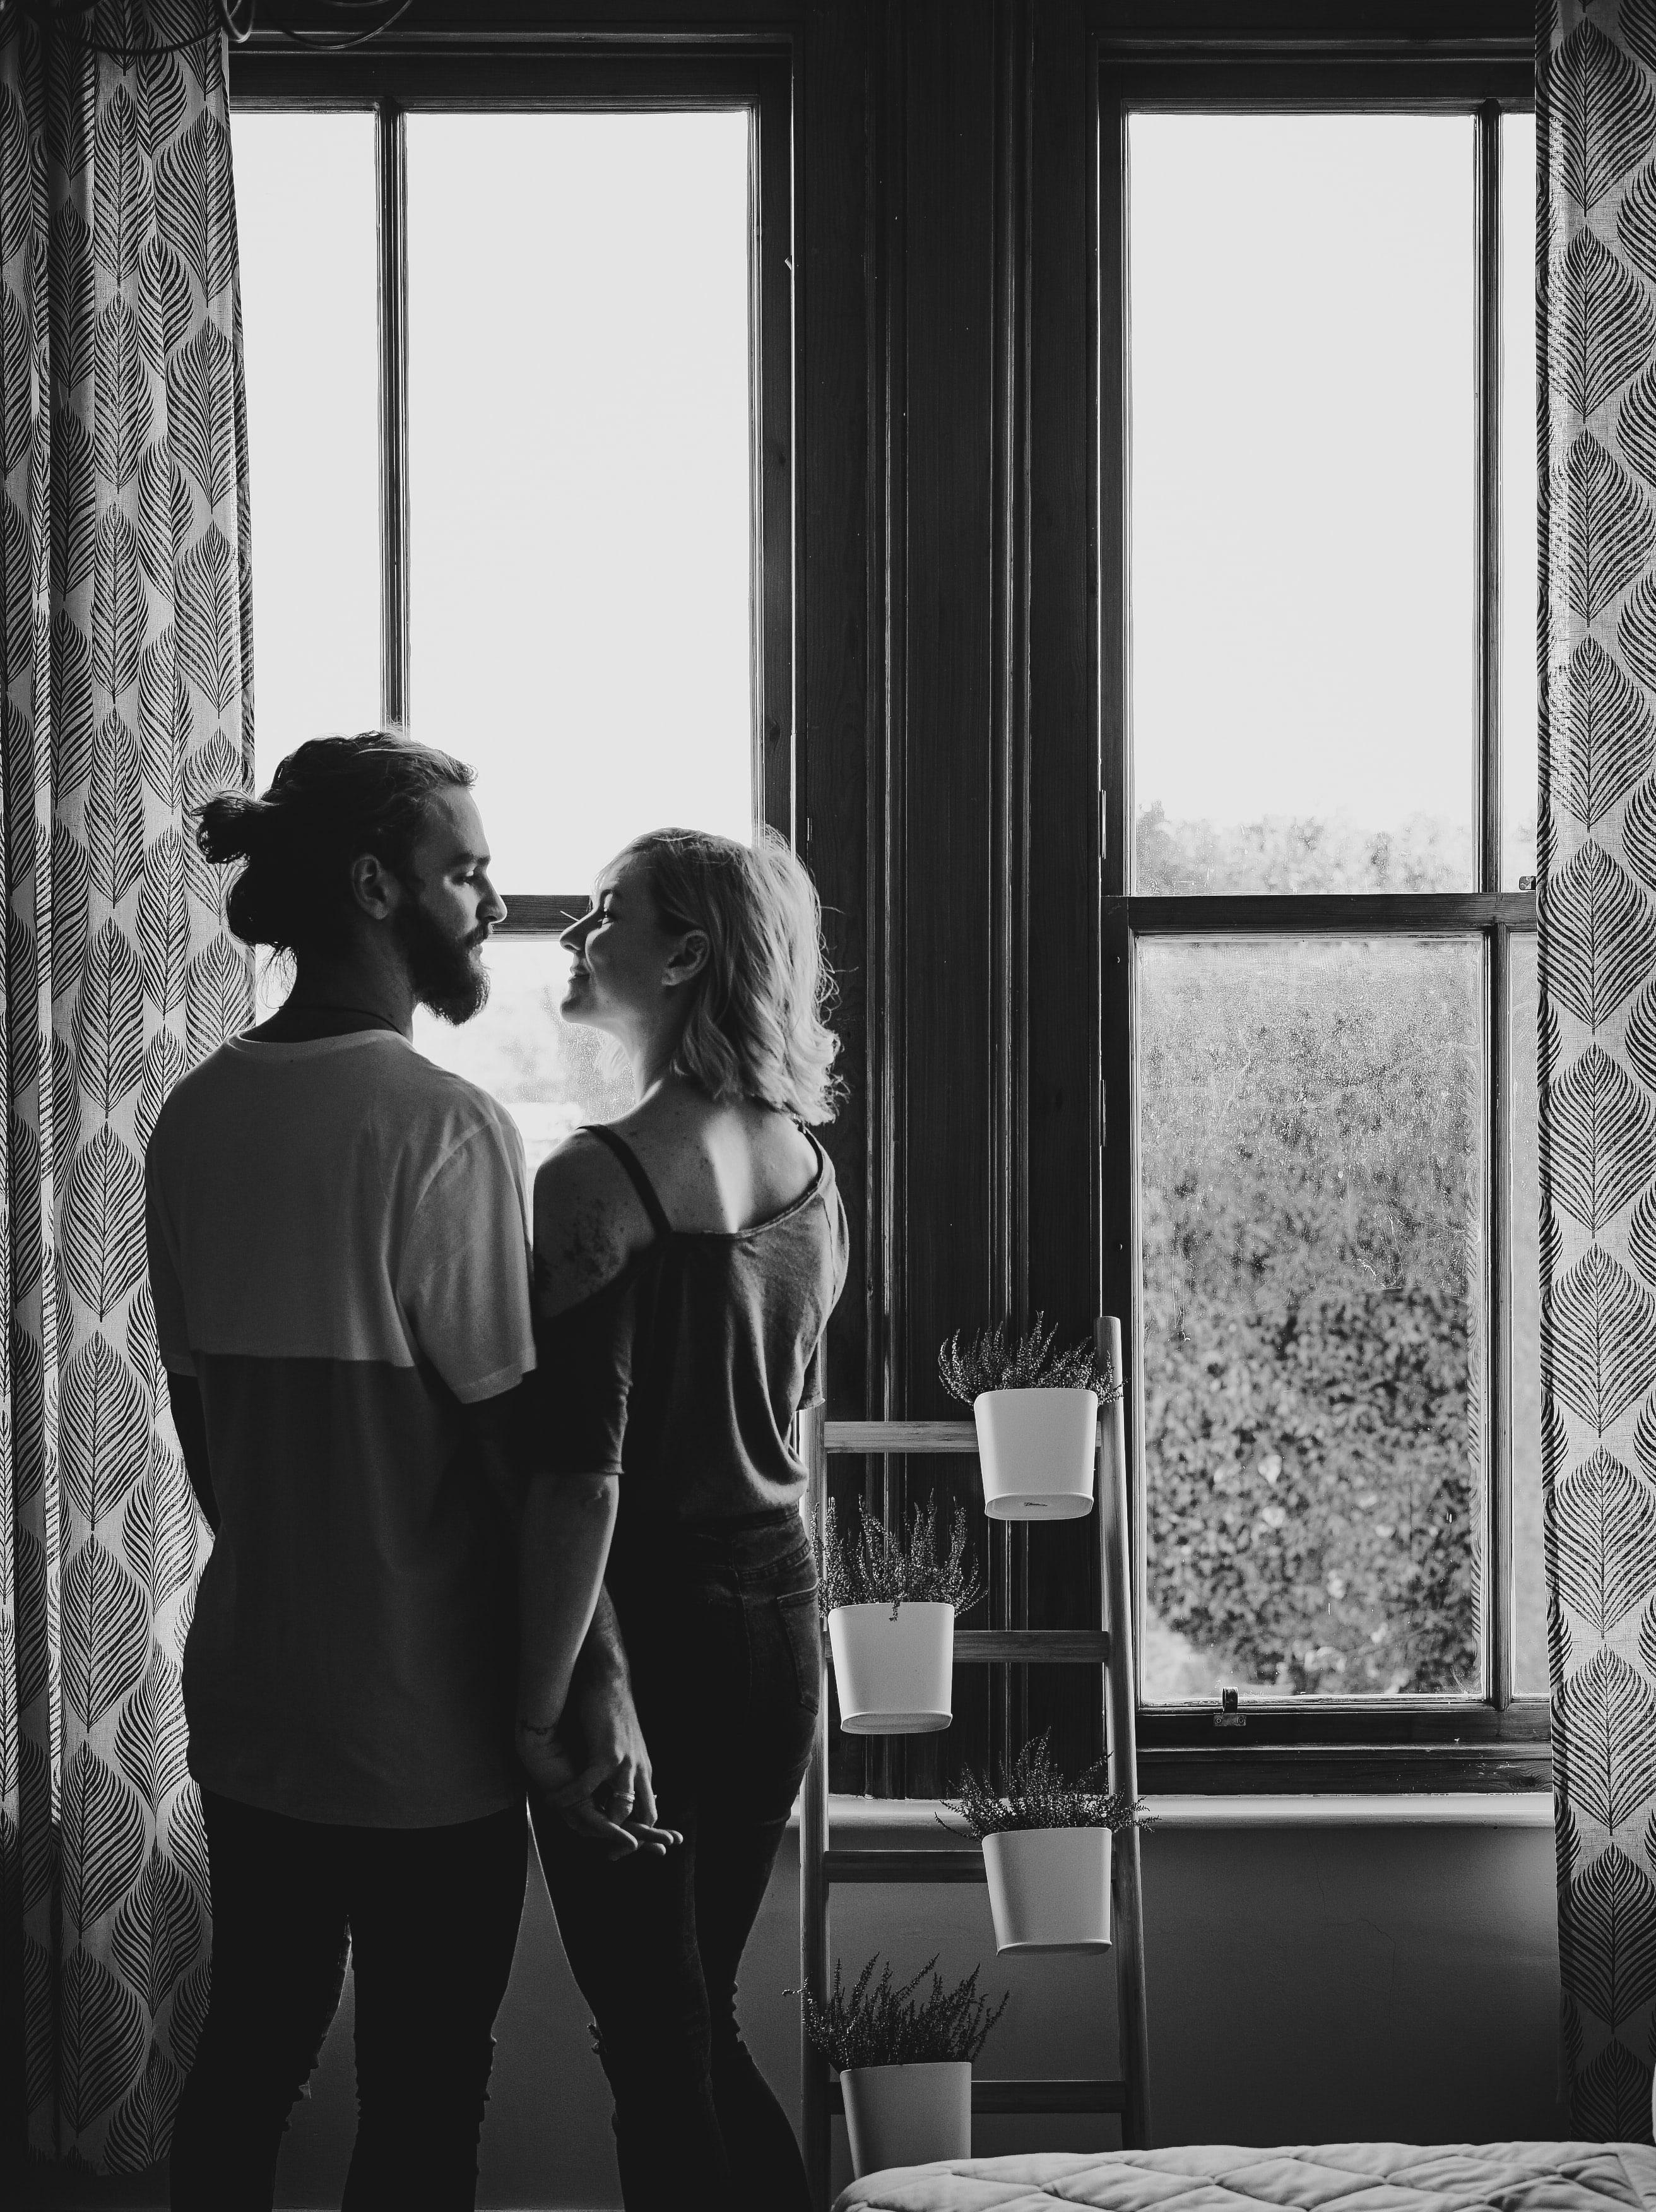 cặp đôi trước cửa sổ tình yêu